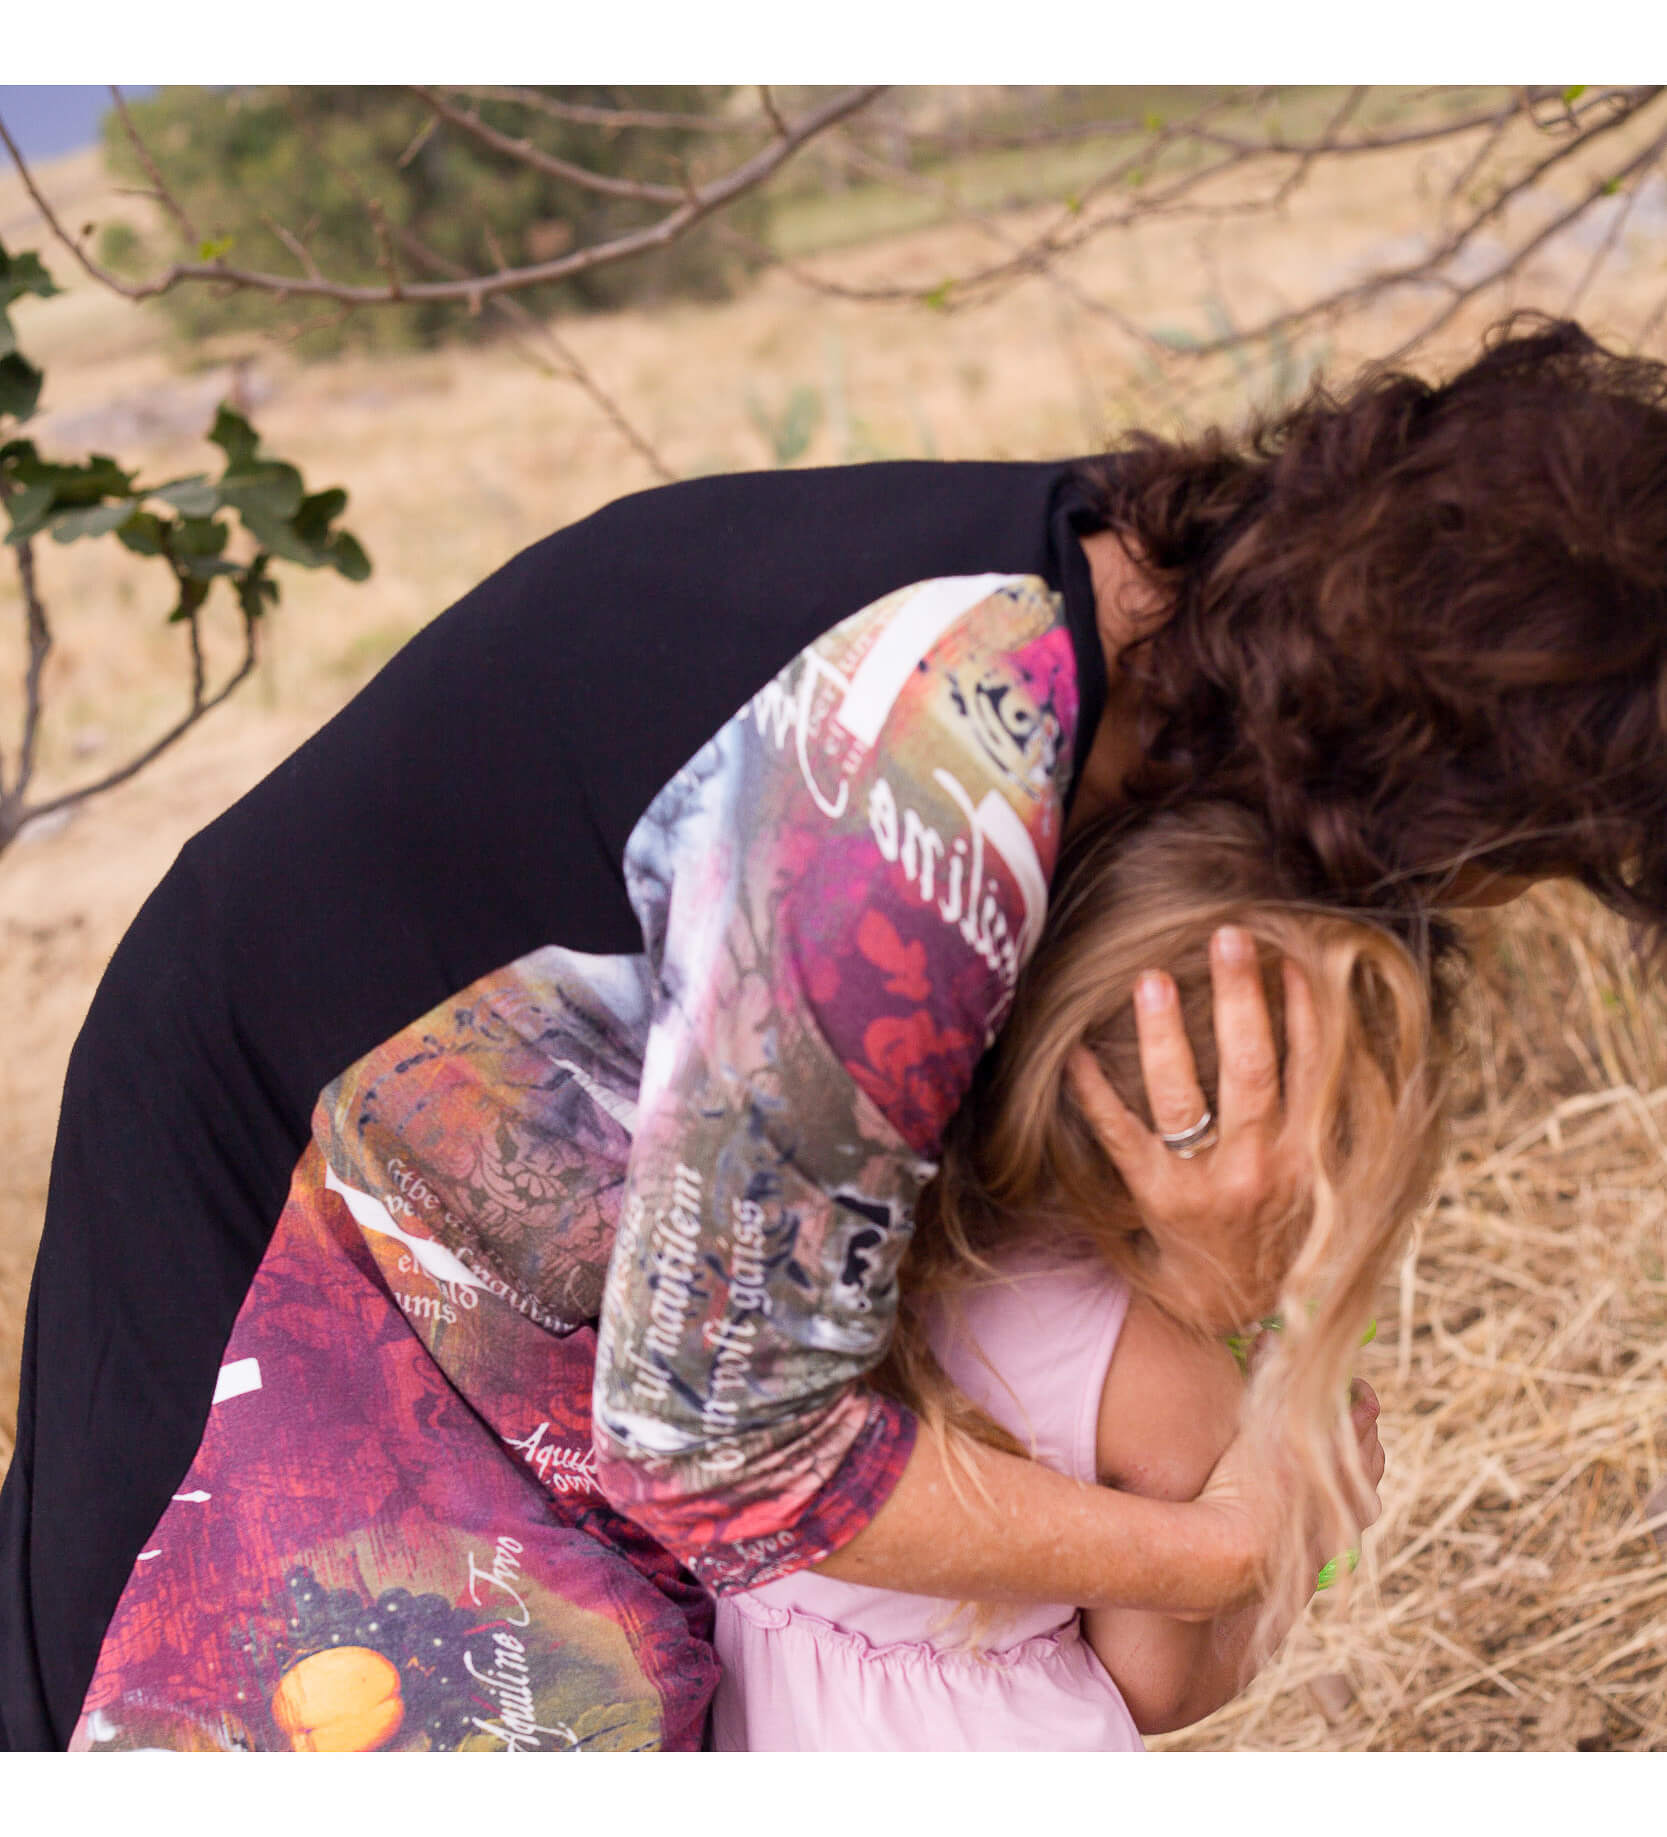 סבתא מירה מחבקת את נכדתה גיל בזמן איכות בטבע. בבלוג הלייף סטייל של זהבה גרציאני - גולדן טיימס